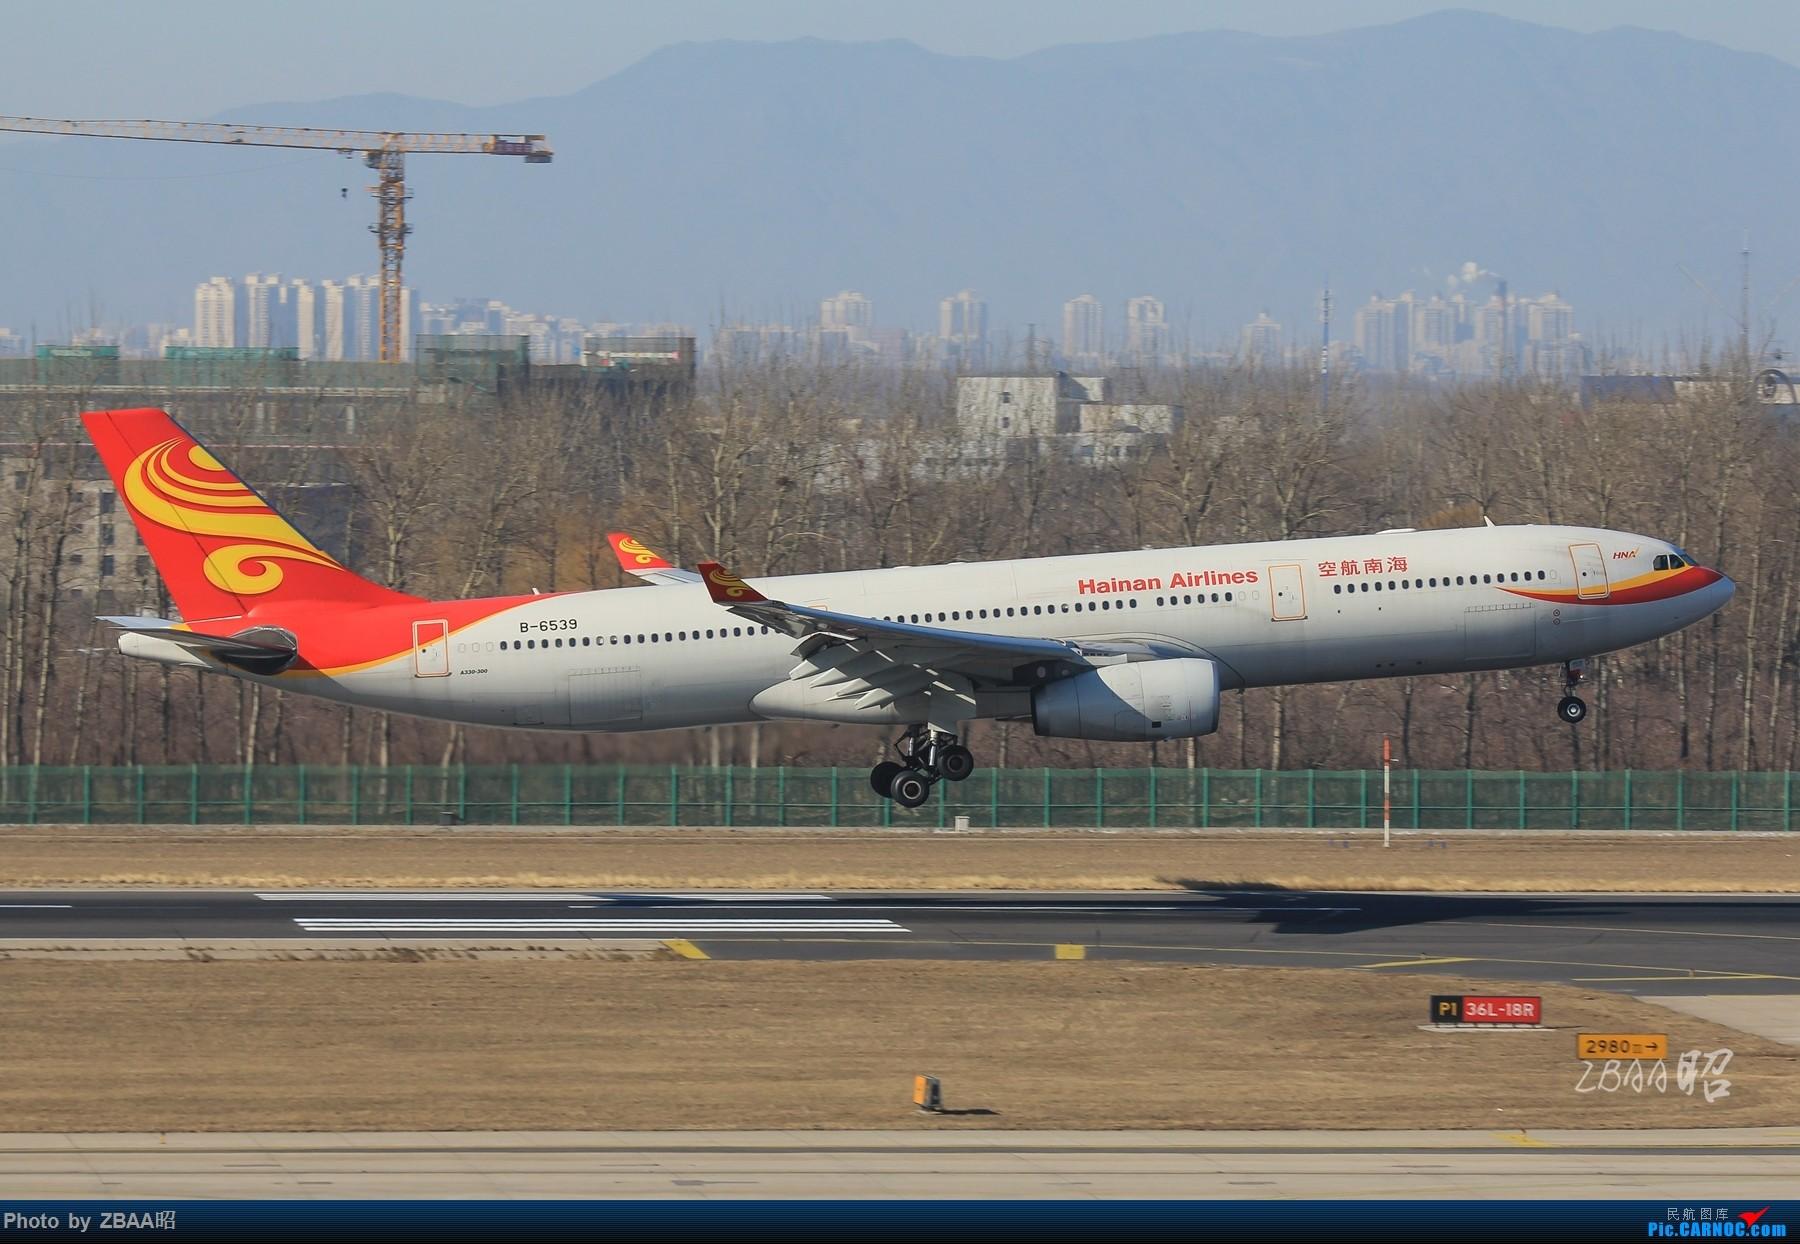 Re:[原创]飞友聚会后的独自疯狂,格林豪泰隔天怒打ZBAA 36L跑道,夜拍海航宽体机,寒风中坚守楼顶阵地 AIRBUS A330-300 B-6539 中国北京首都国际机场